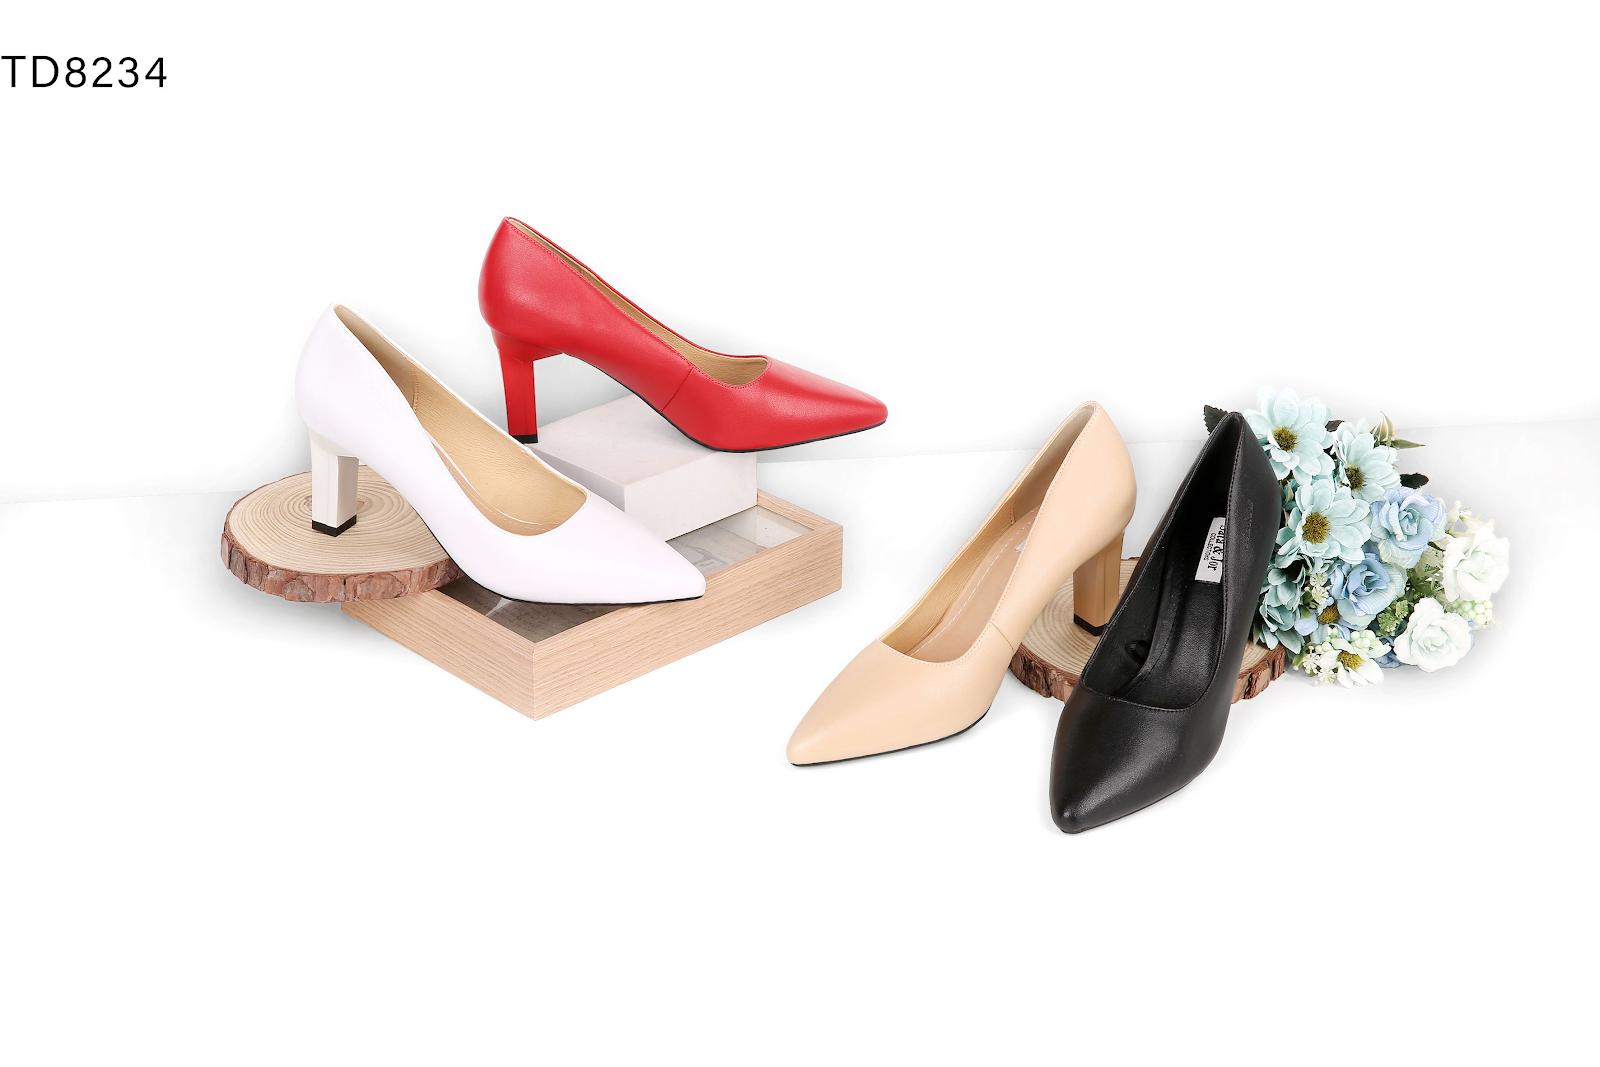 Chia sẻ địa chỉ nhập giày cao gót đa dạng hợp lý